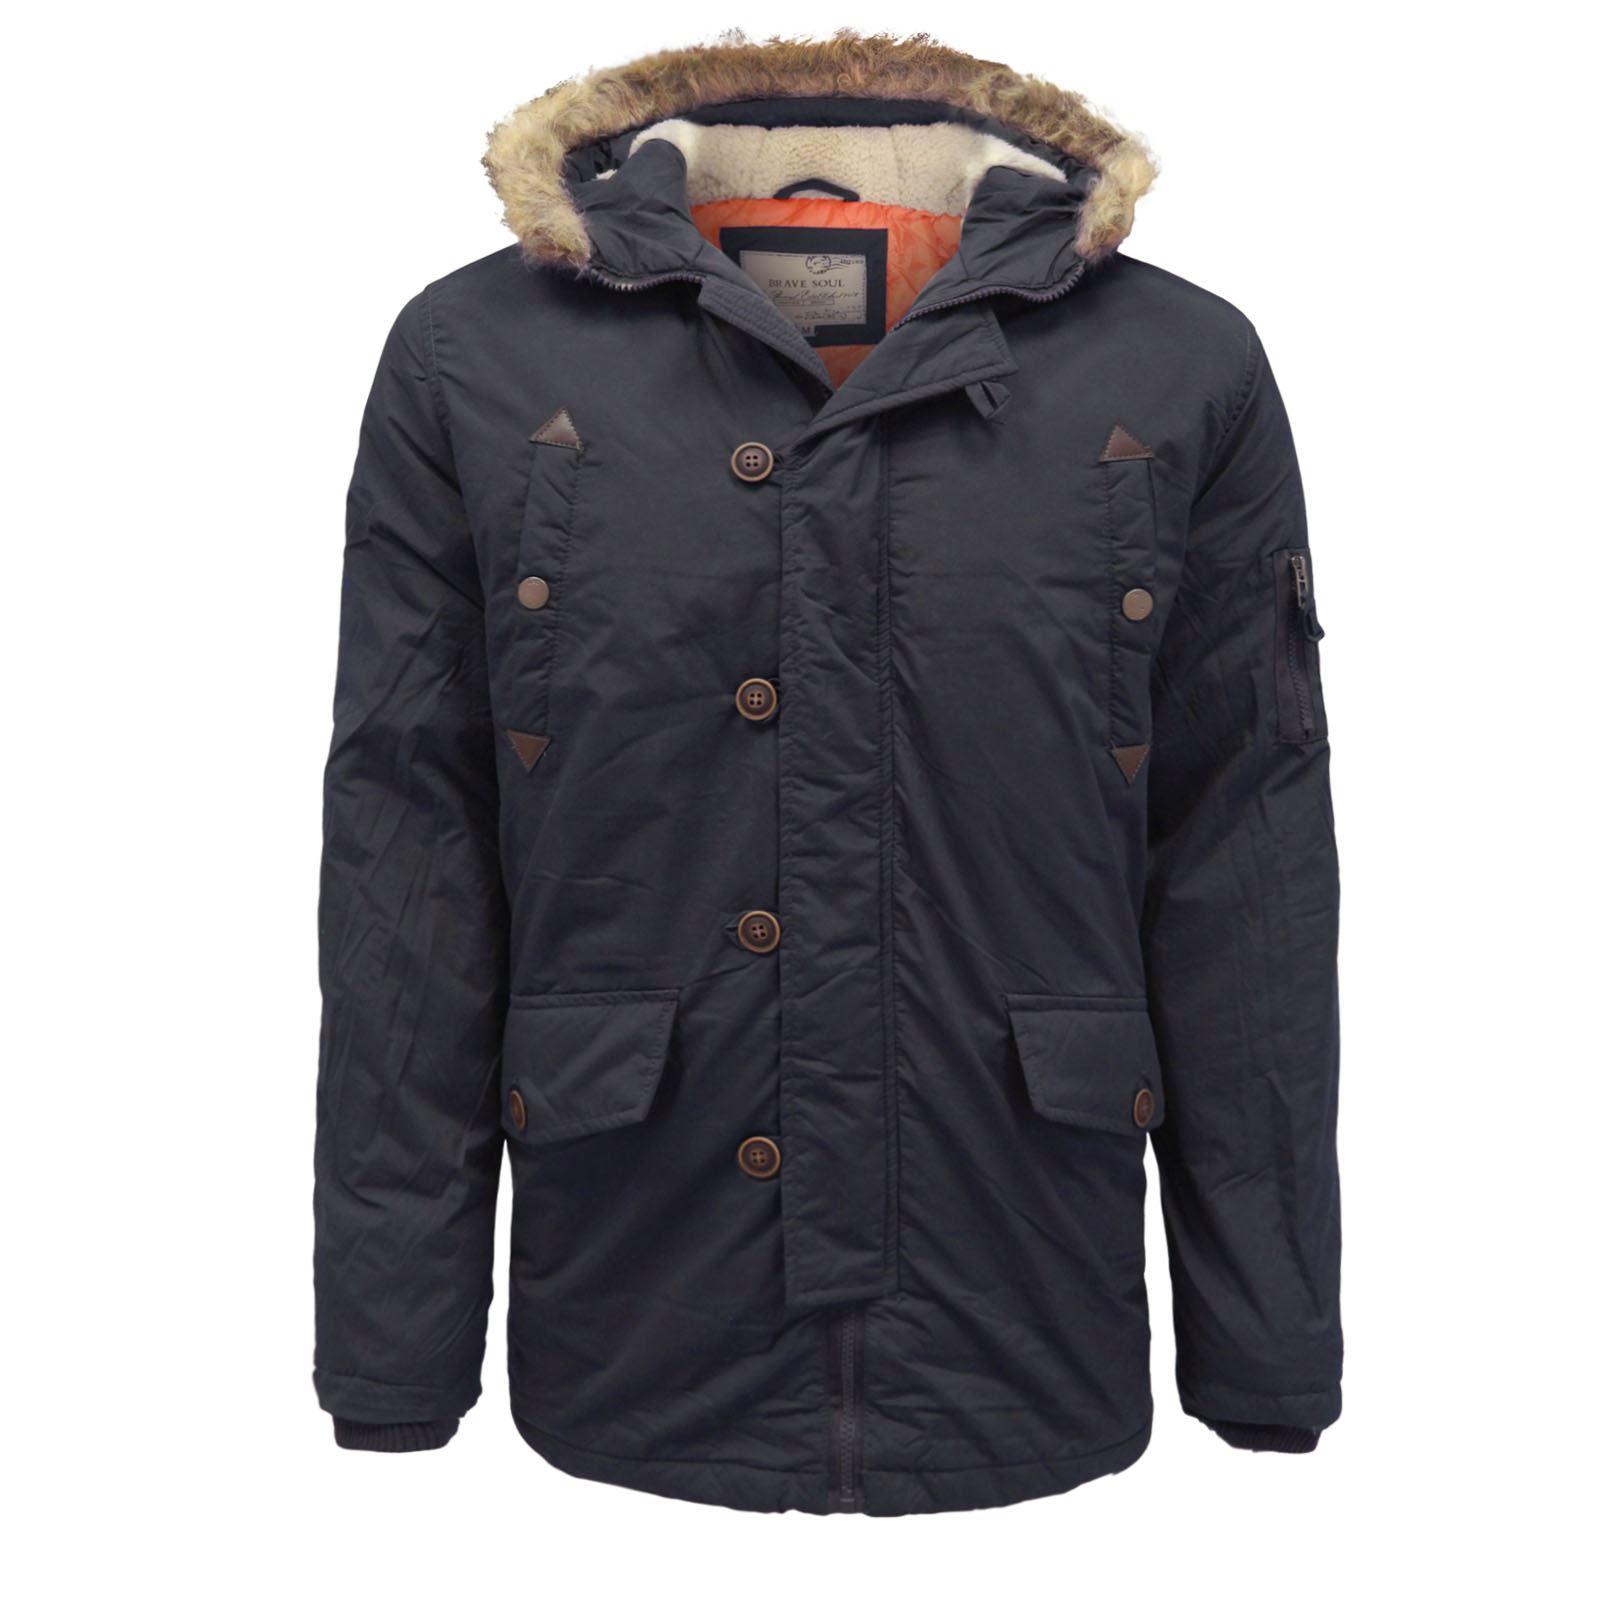 brave soul mens padded lined taslan parka winter jacket. Black Bedroom Furniture Sets. Home Design Ideas